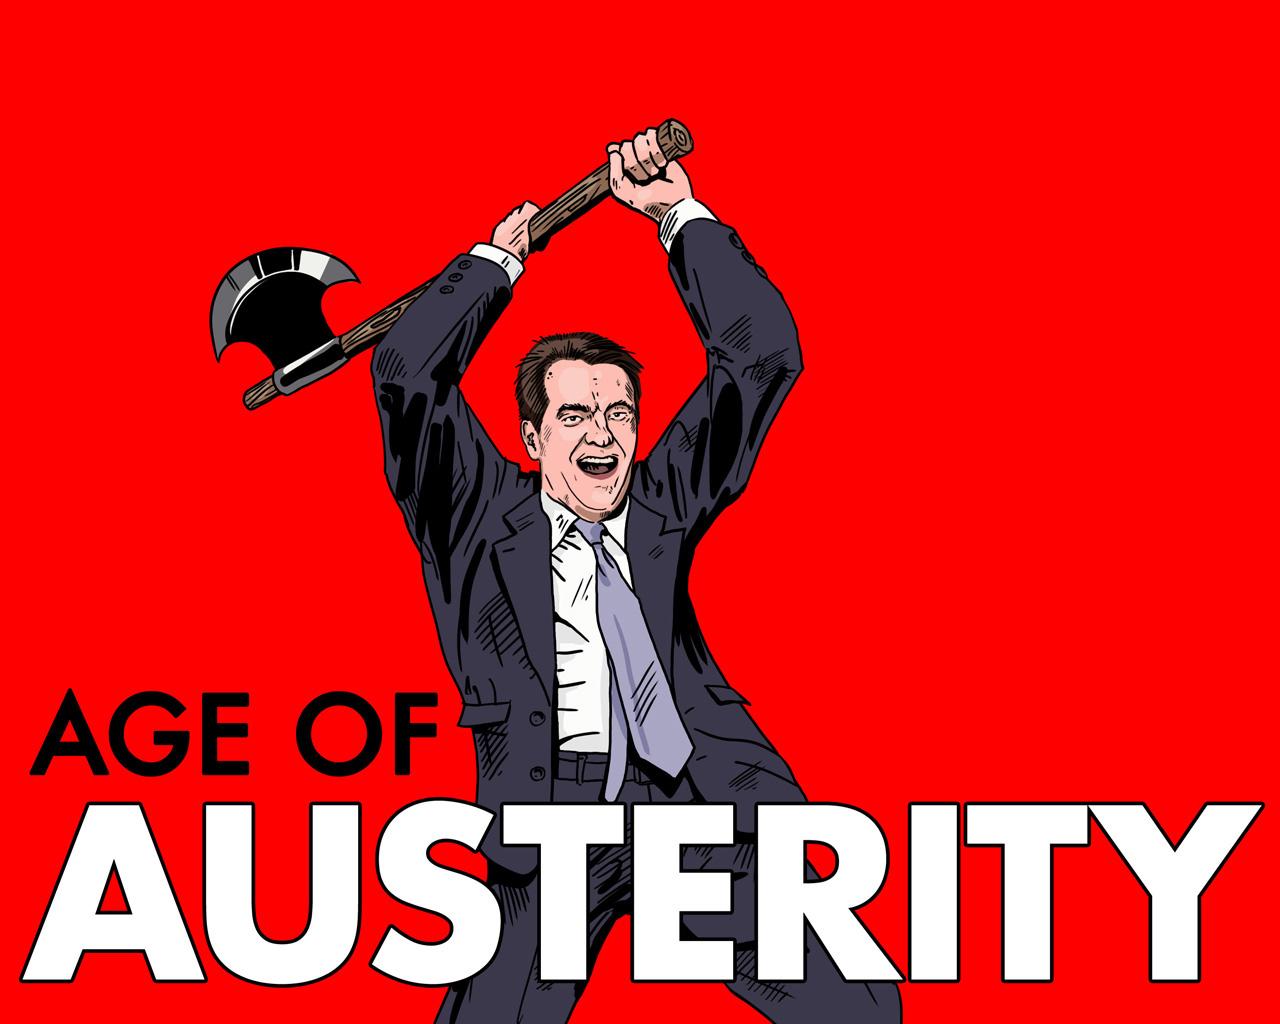 age+of+austerity+george+osborne+desktop.